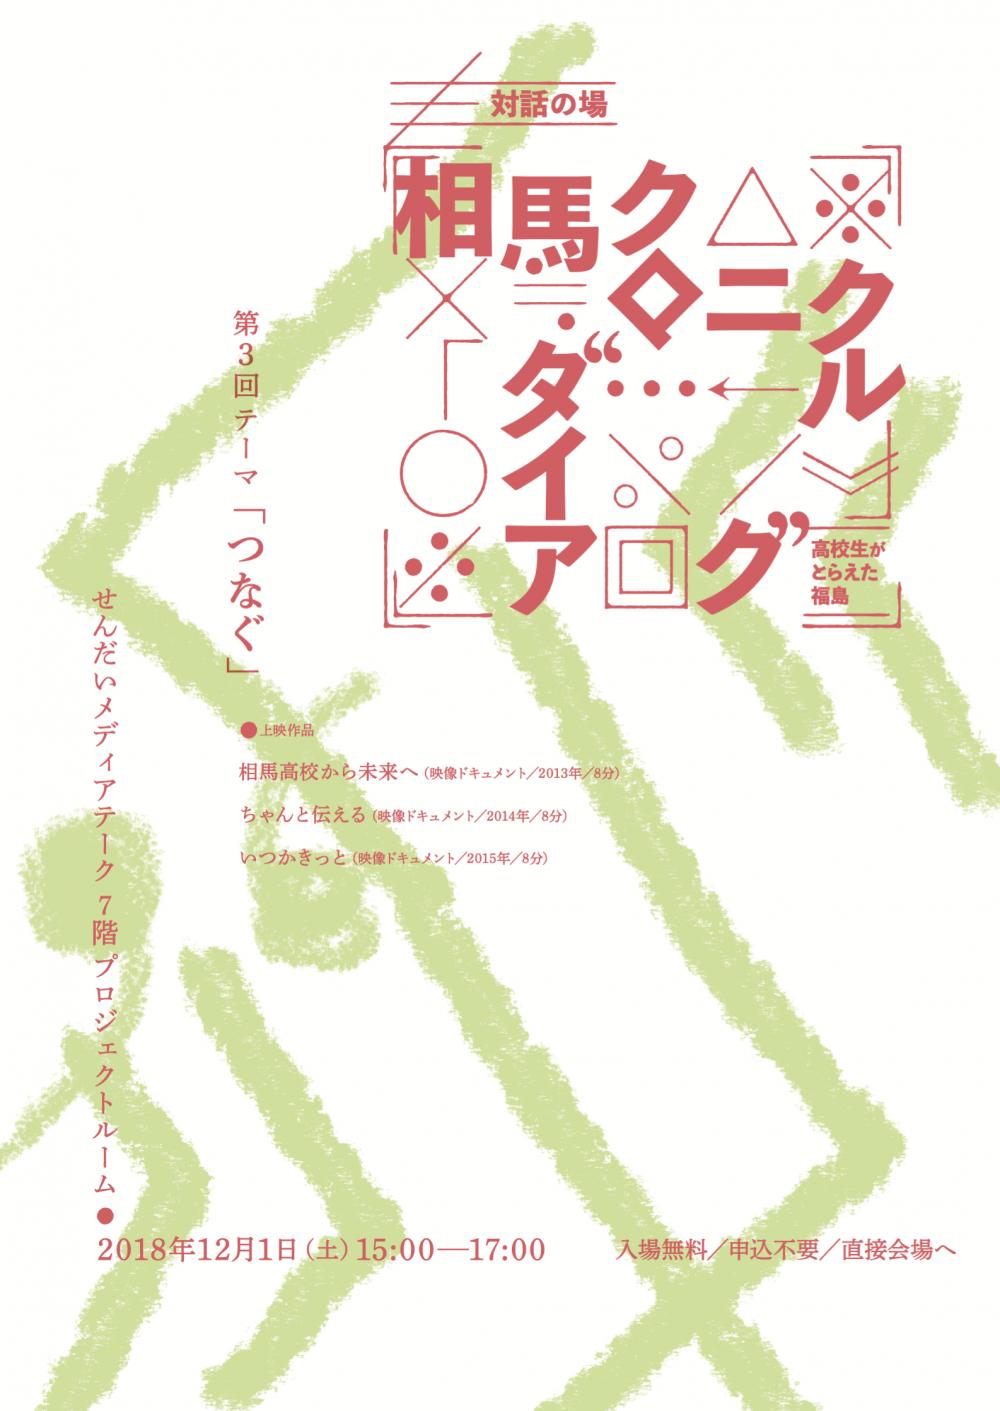 【予告】相馬クロニクルダイアログ 第3回「つなぐ」